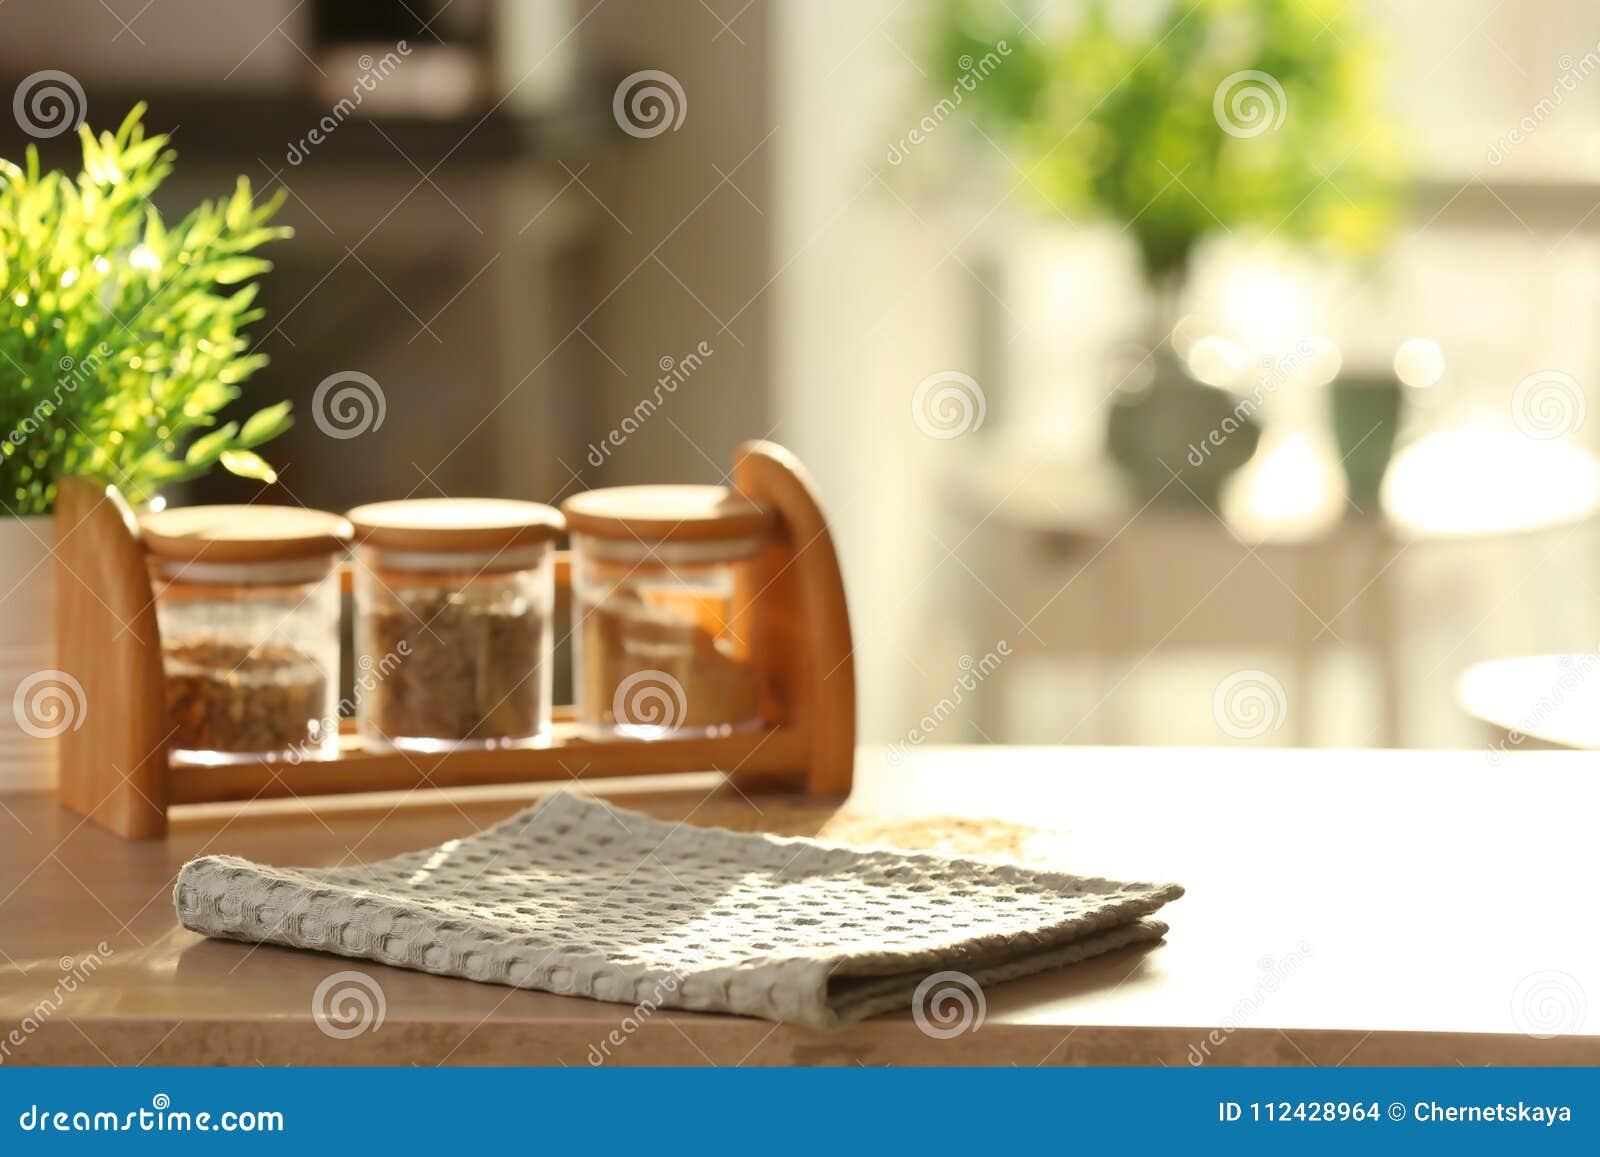 Schone keukenhanddoek